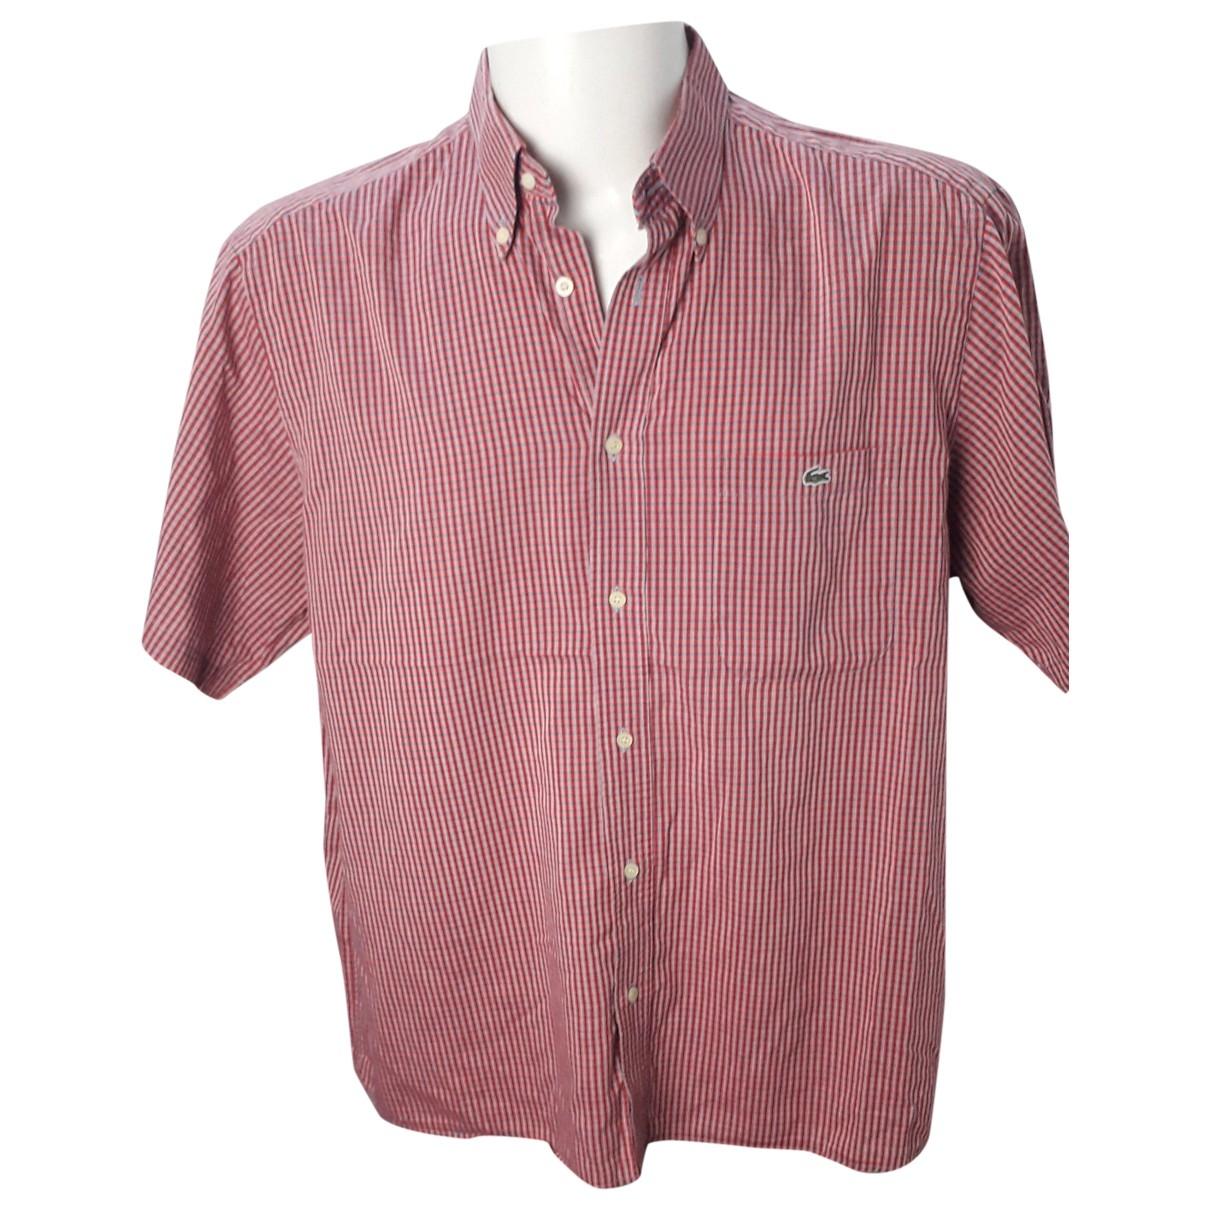 Lacoste \N Hemden in  Rot Baumwolle